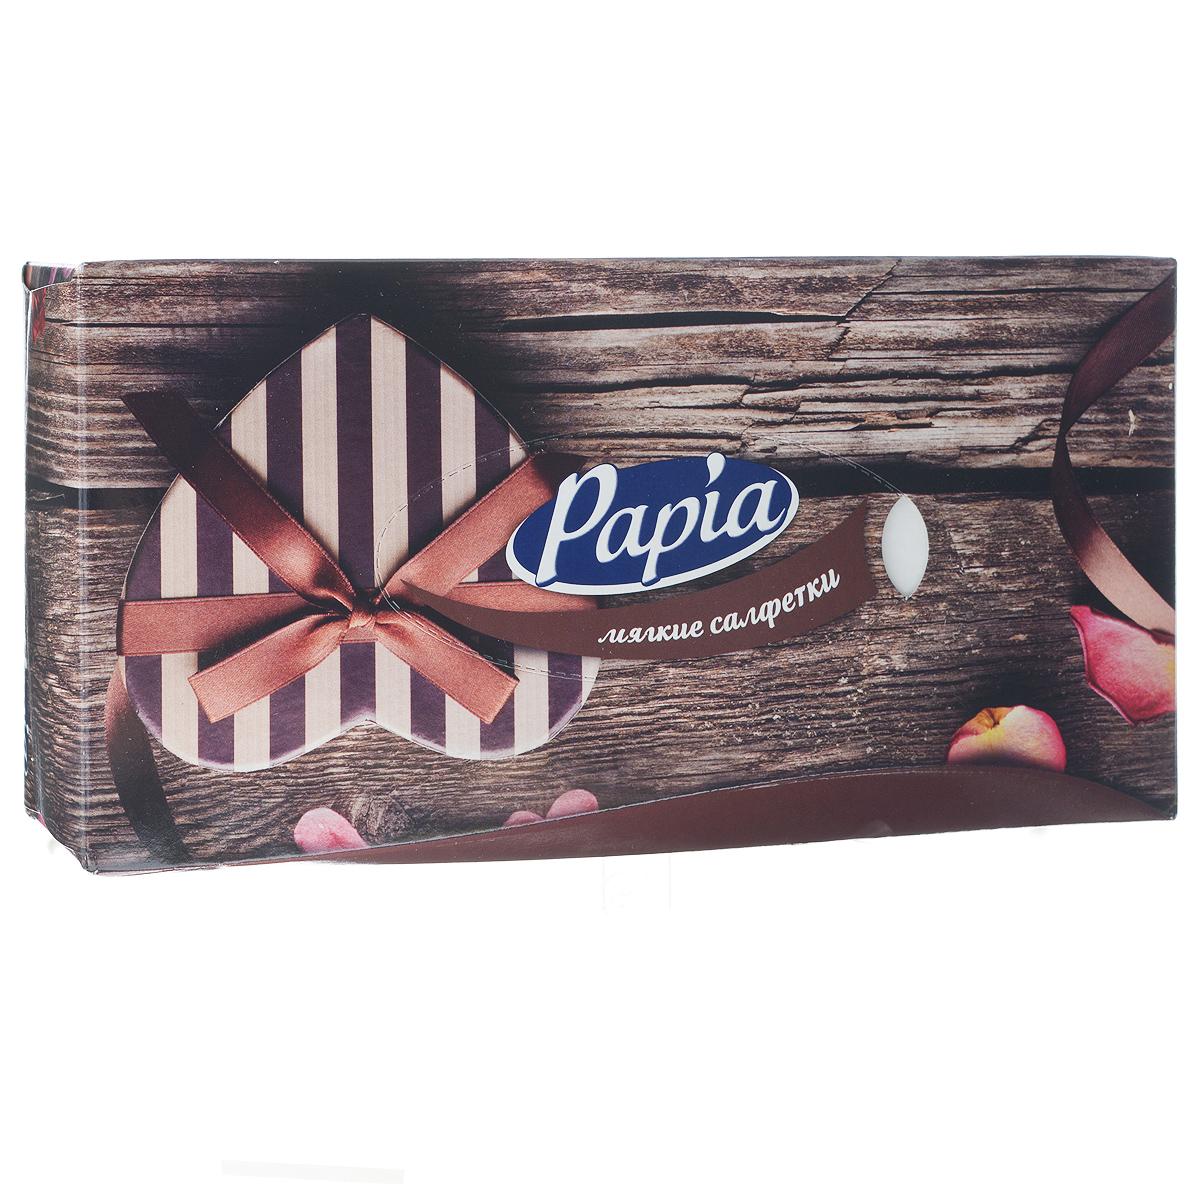 Салфетки бумажные Papia. Love, трехслойные, 21 x 21 см, 80 шт9103500790Трехслойные салфетки Papia. Love выполнены из 100% целлюлозы. Салфетки подходят для косметического, санитарно-гигиенического и хозяйственного назначения. Нежные и мягкие, они удивят вас не только своим высоким качеством, но и внешним видом. Изделия упакованы в коробку, поэтому их удобно использовать дома или взять с собой в офис или машину. Размер салфеток: 21 см х 21 см.